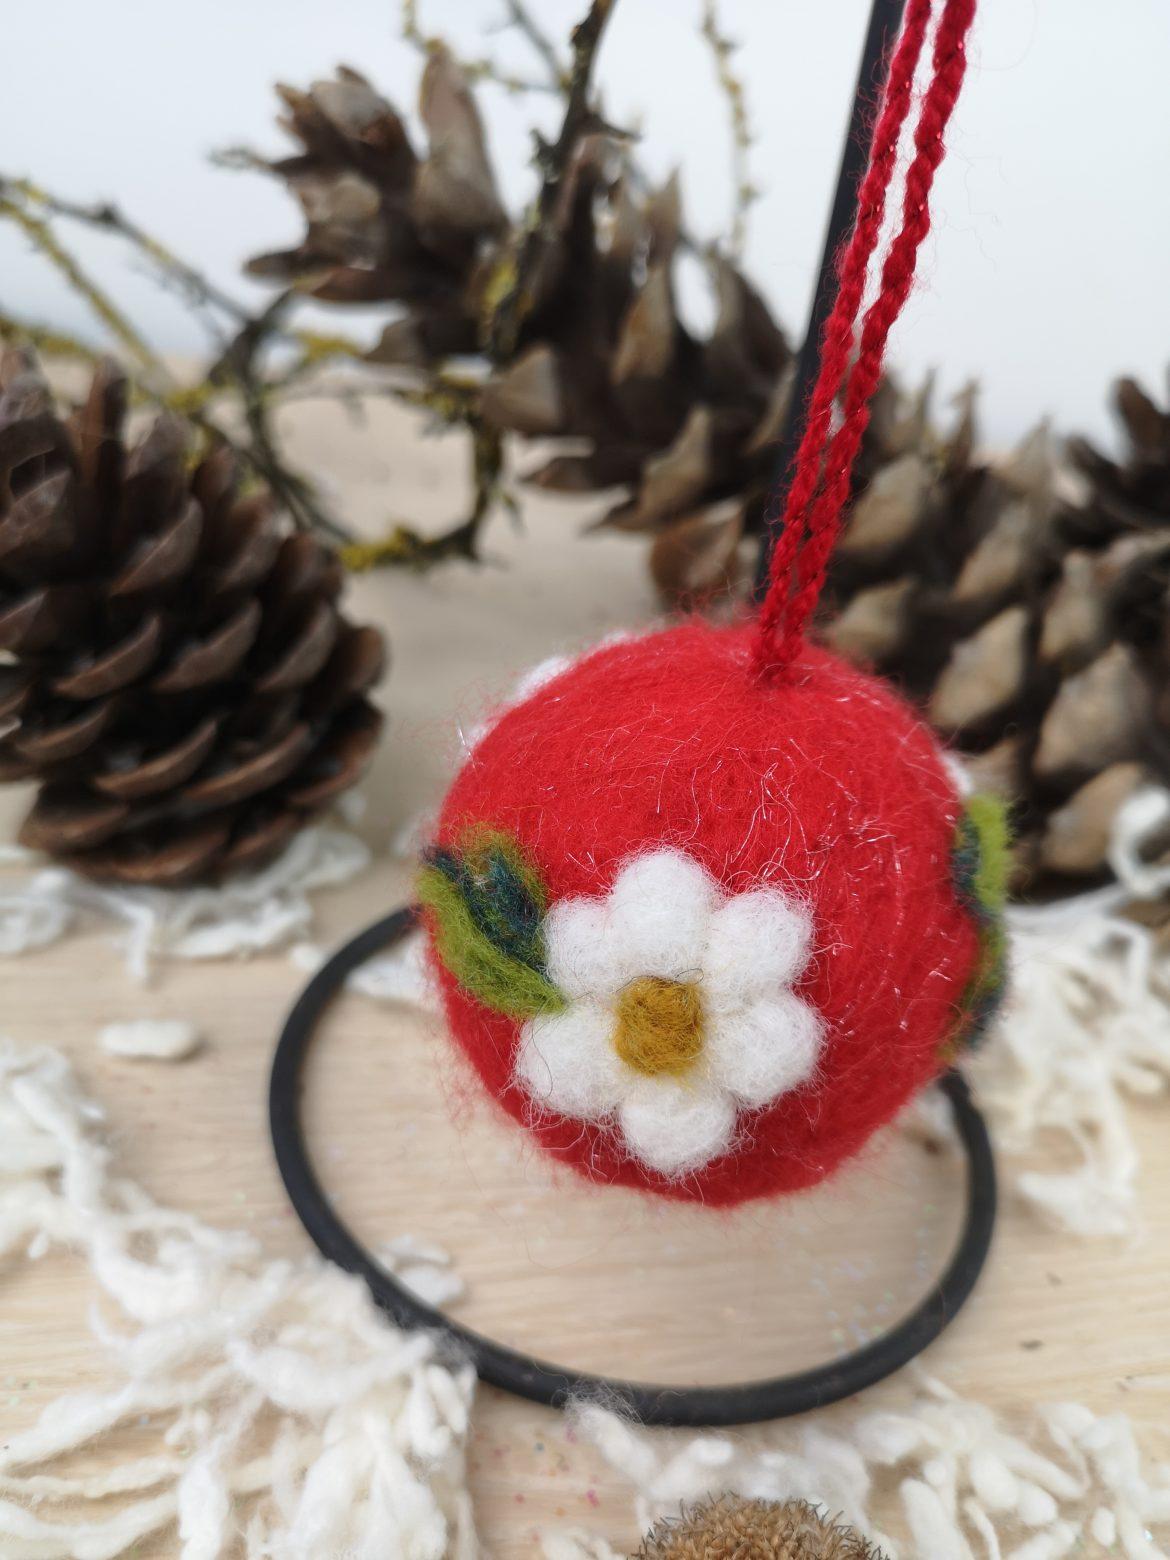 Regali di Natale 2020: idee regalo di Sogni di Cinzia, pallina verde